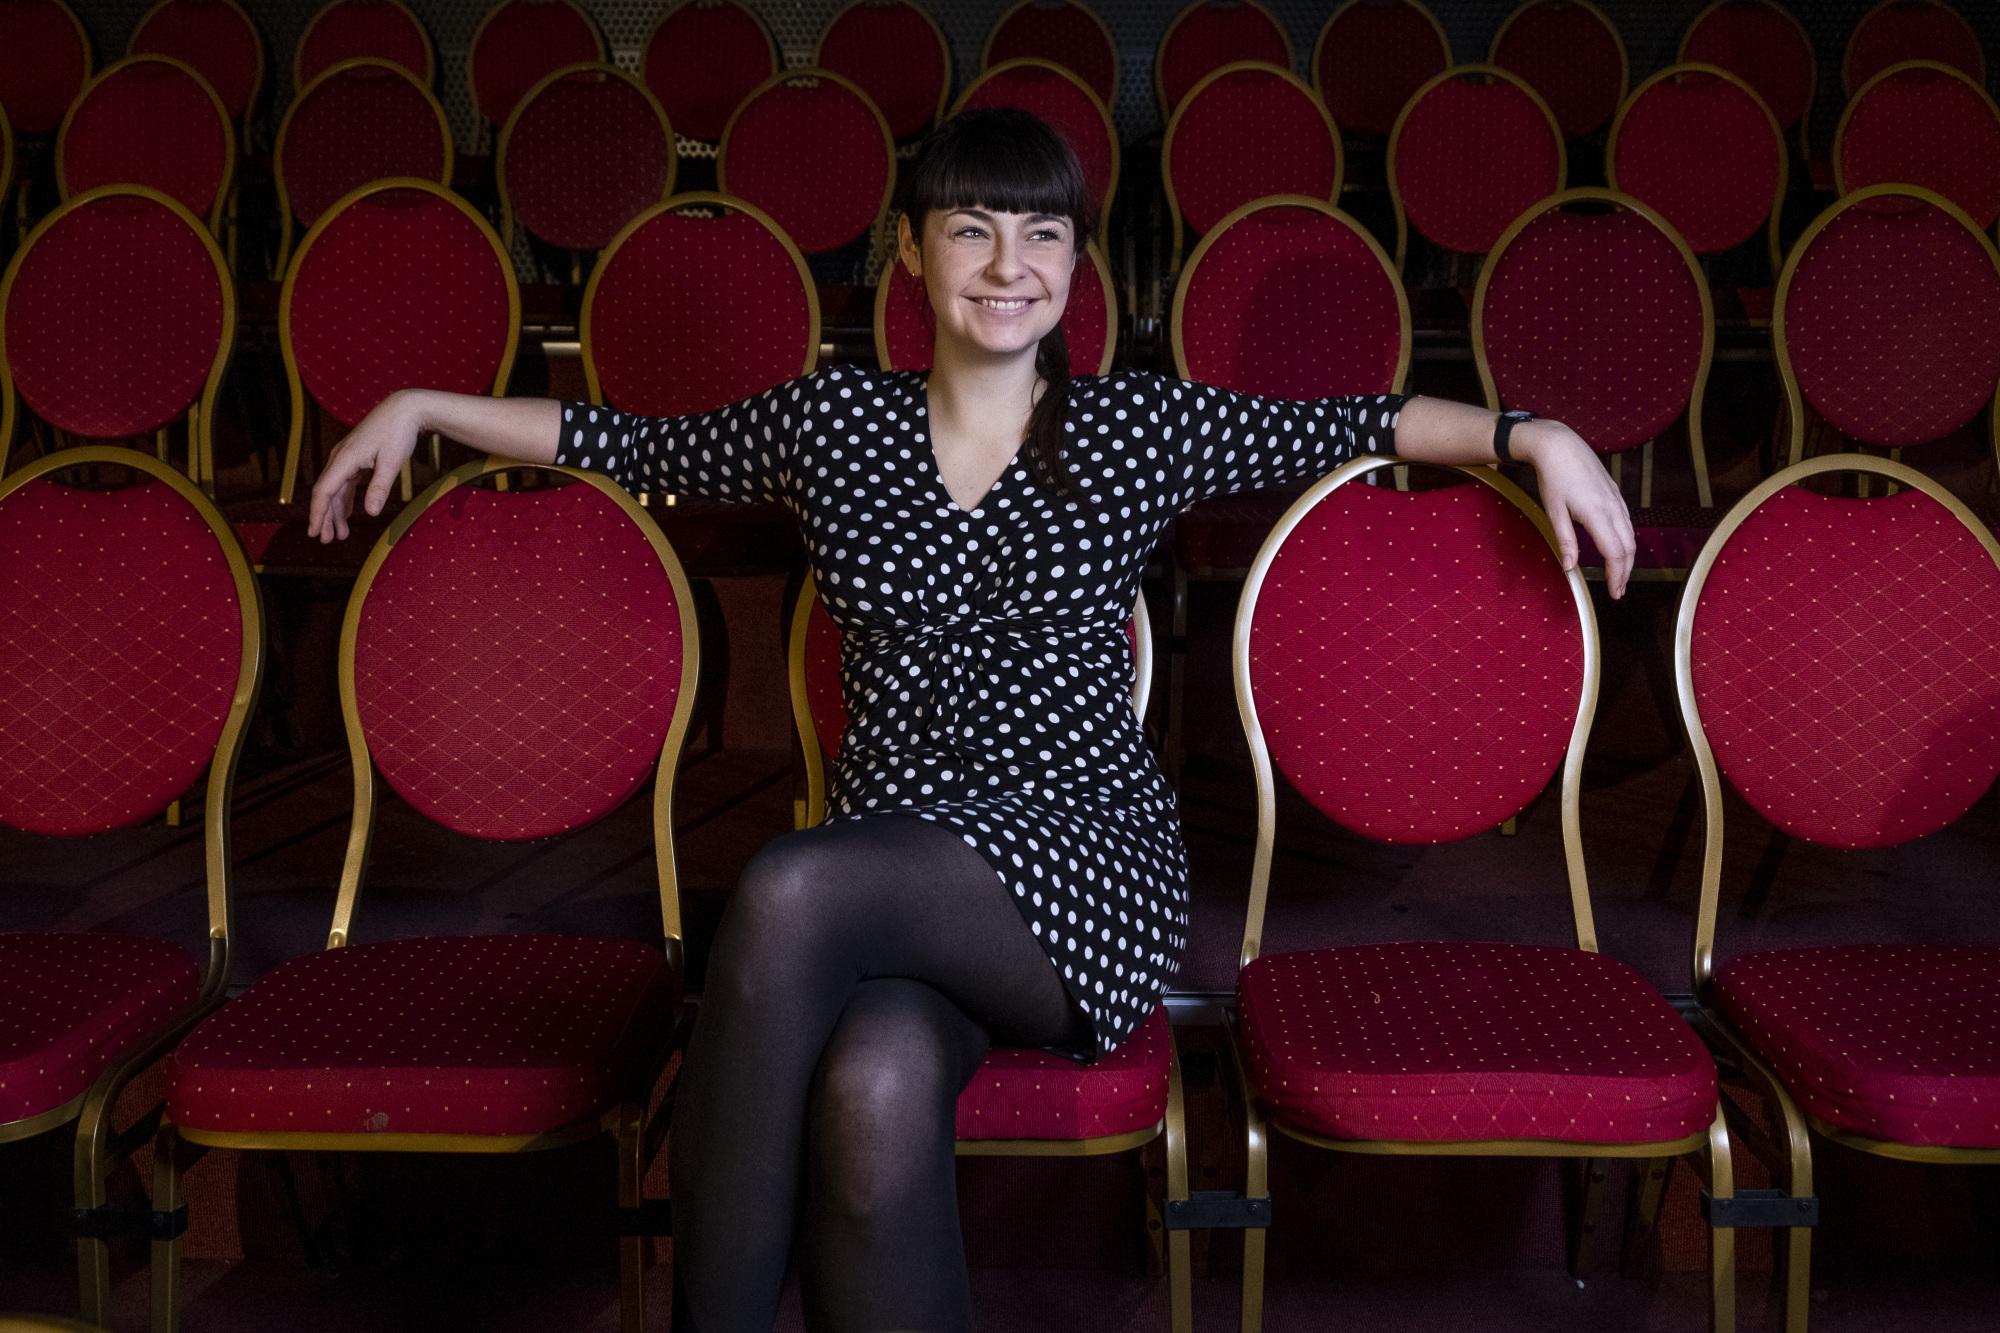 29-årige Malene Nielsen flyttede til Aalborg for at læse - men fællesskabet på Skråen fik hende til at blive. Foto: Lasse Sand